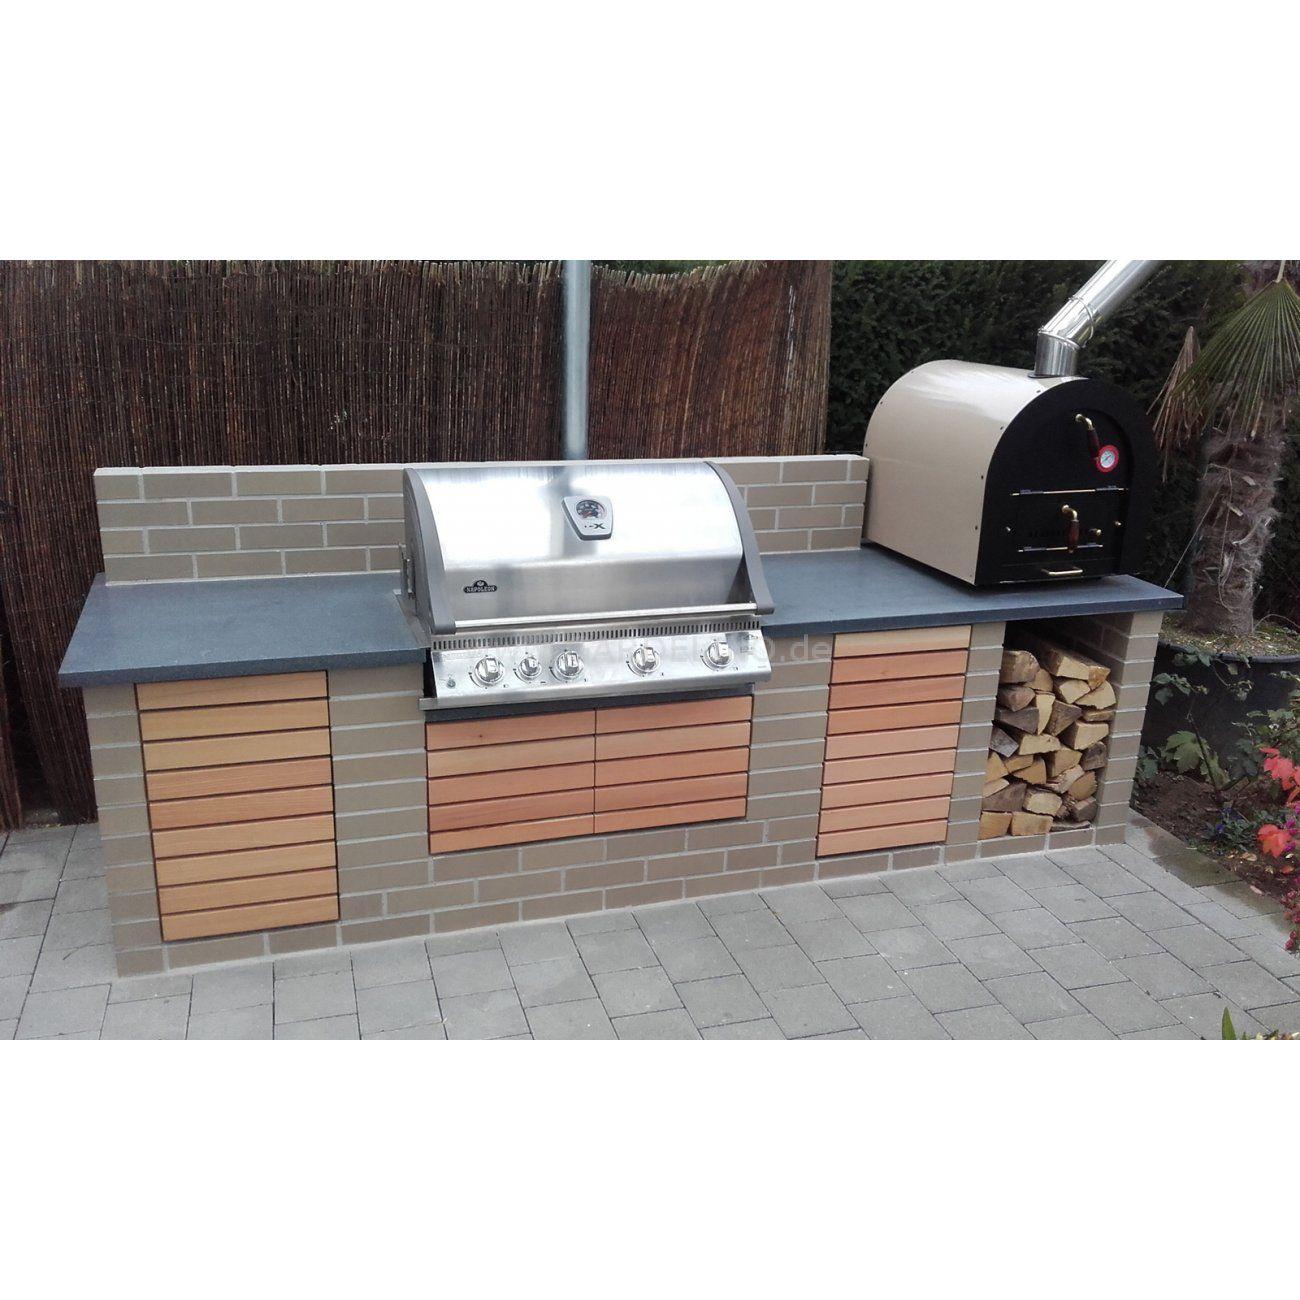 Outdoor Küche Napoleon : Napoleon outdoor küche einbaugrill outdoor küche